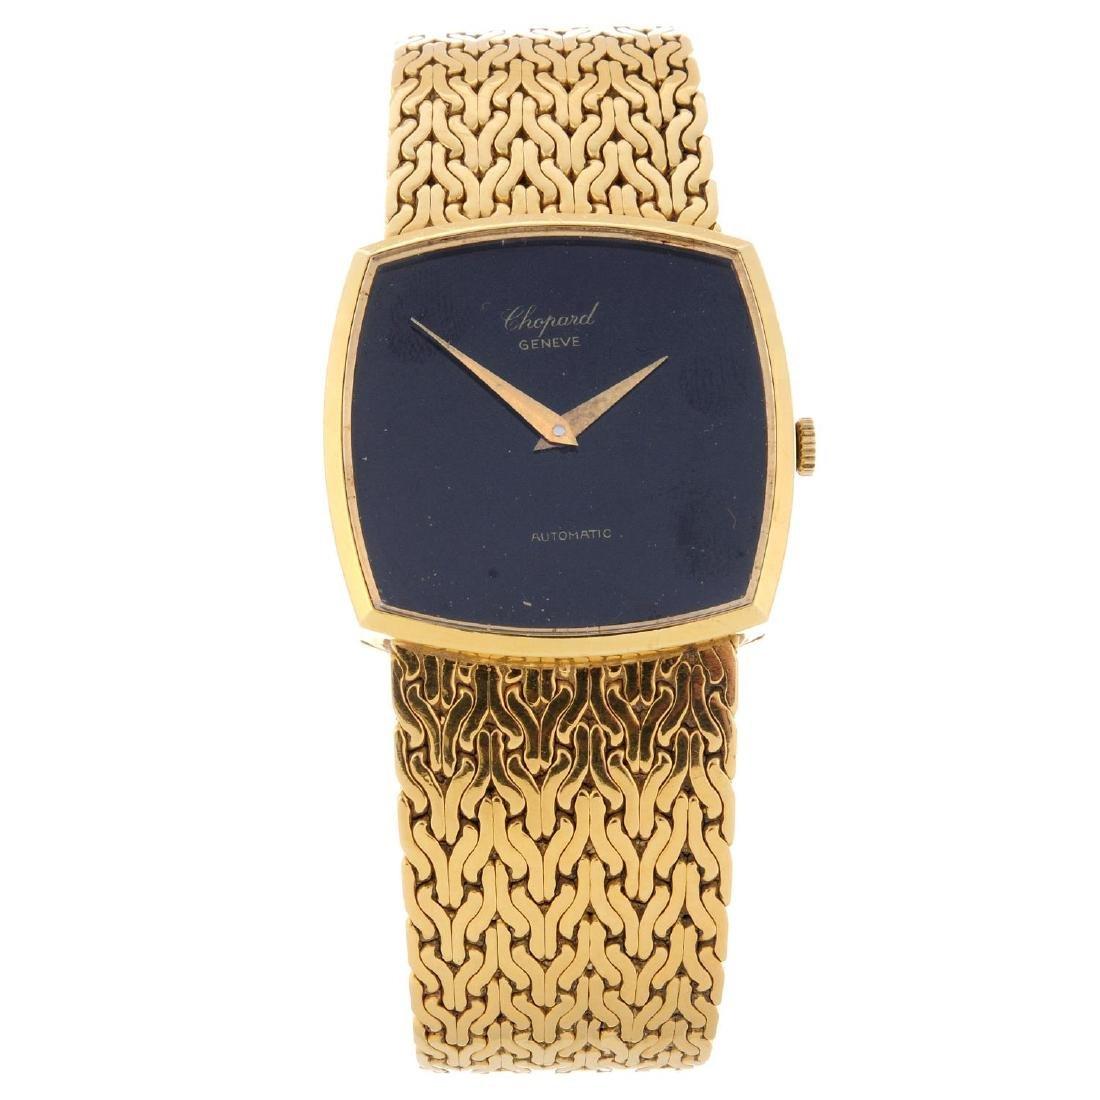 CHOPARD - a gentleman's bracelet watch. 18ct yellow